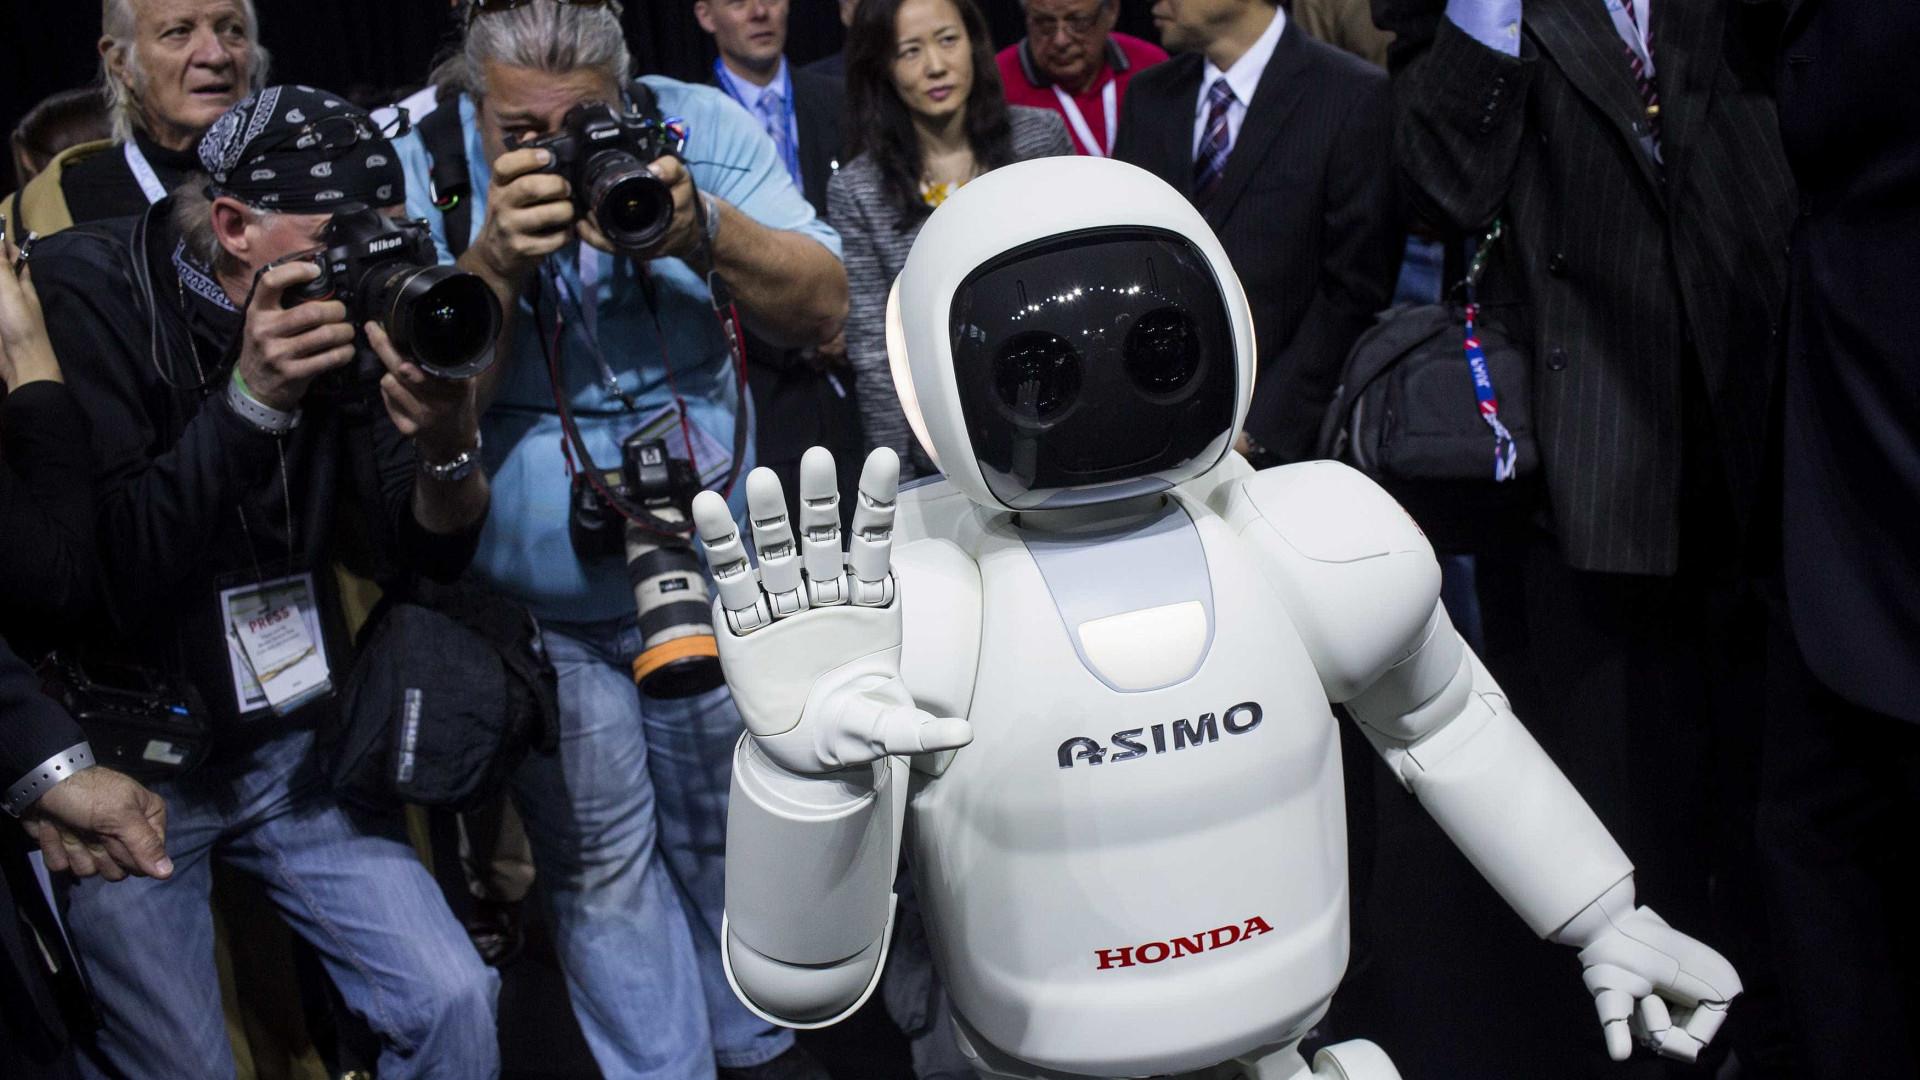 Honda deverá interromper produção do famoso robô Asimo